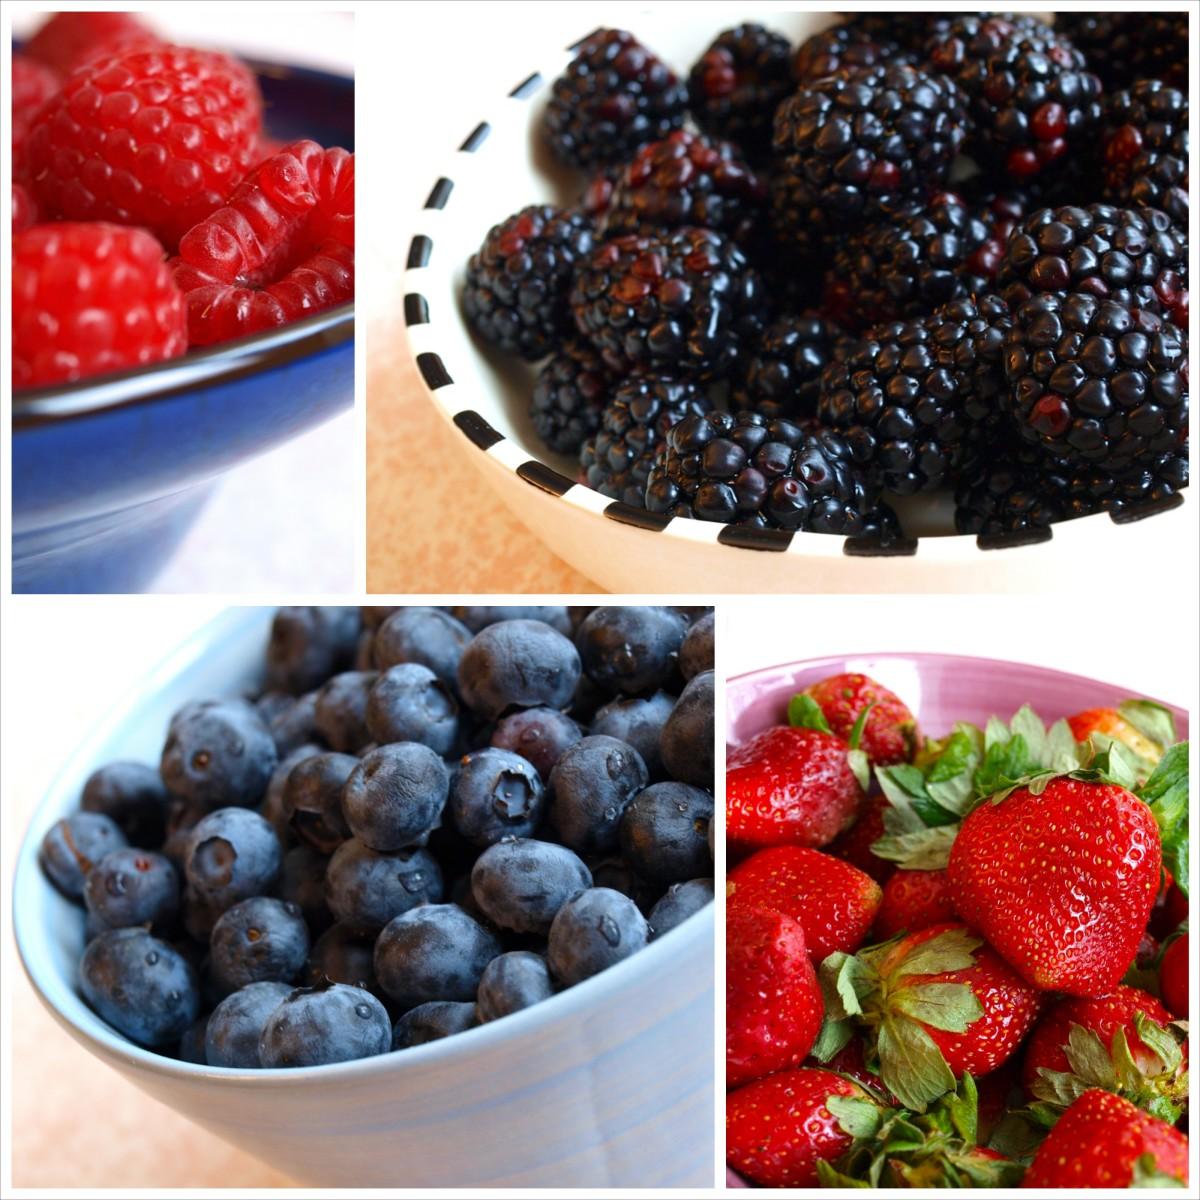 Raspberries, blackberries, blueberries and strawberries are all wonderful options.